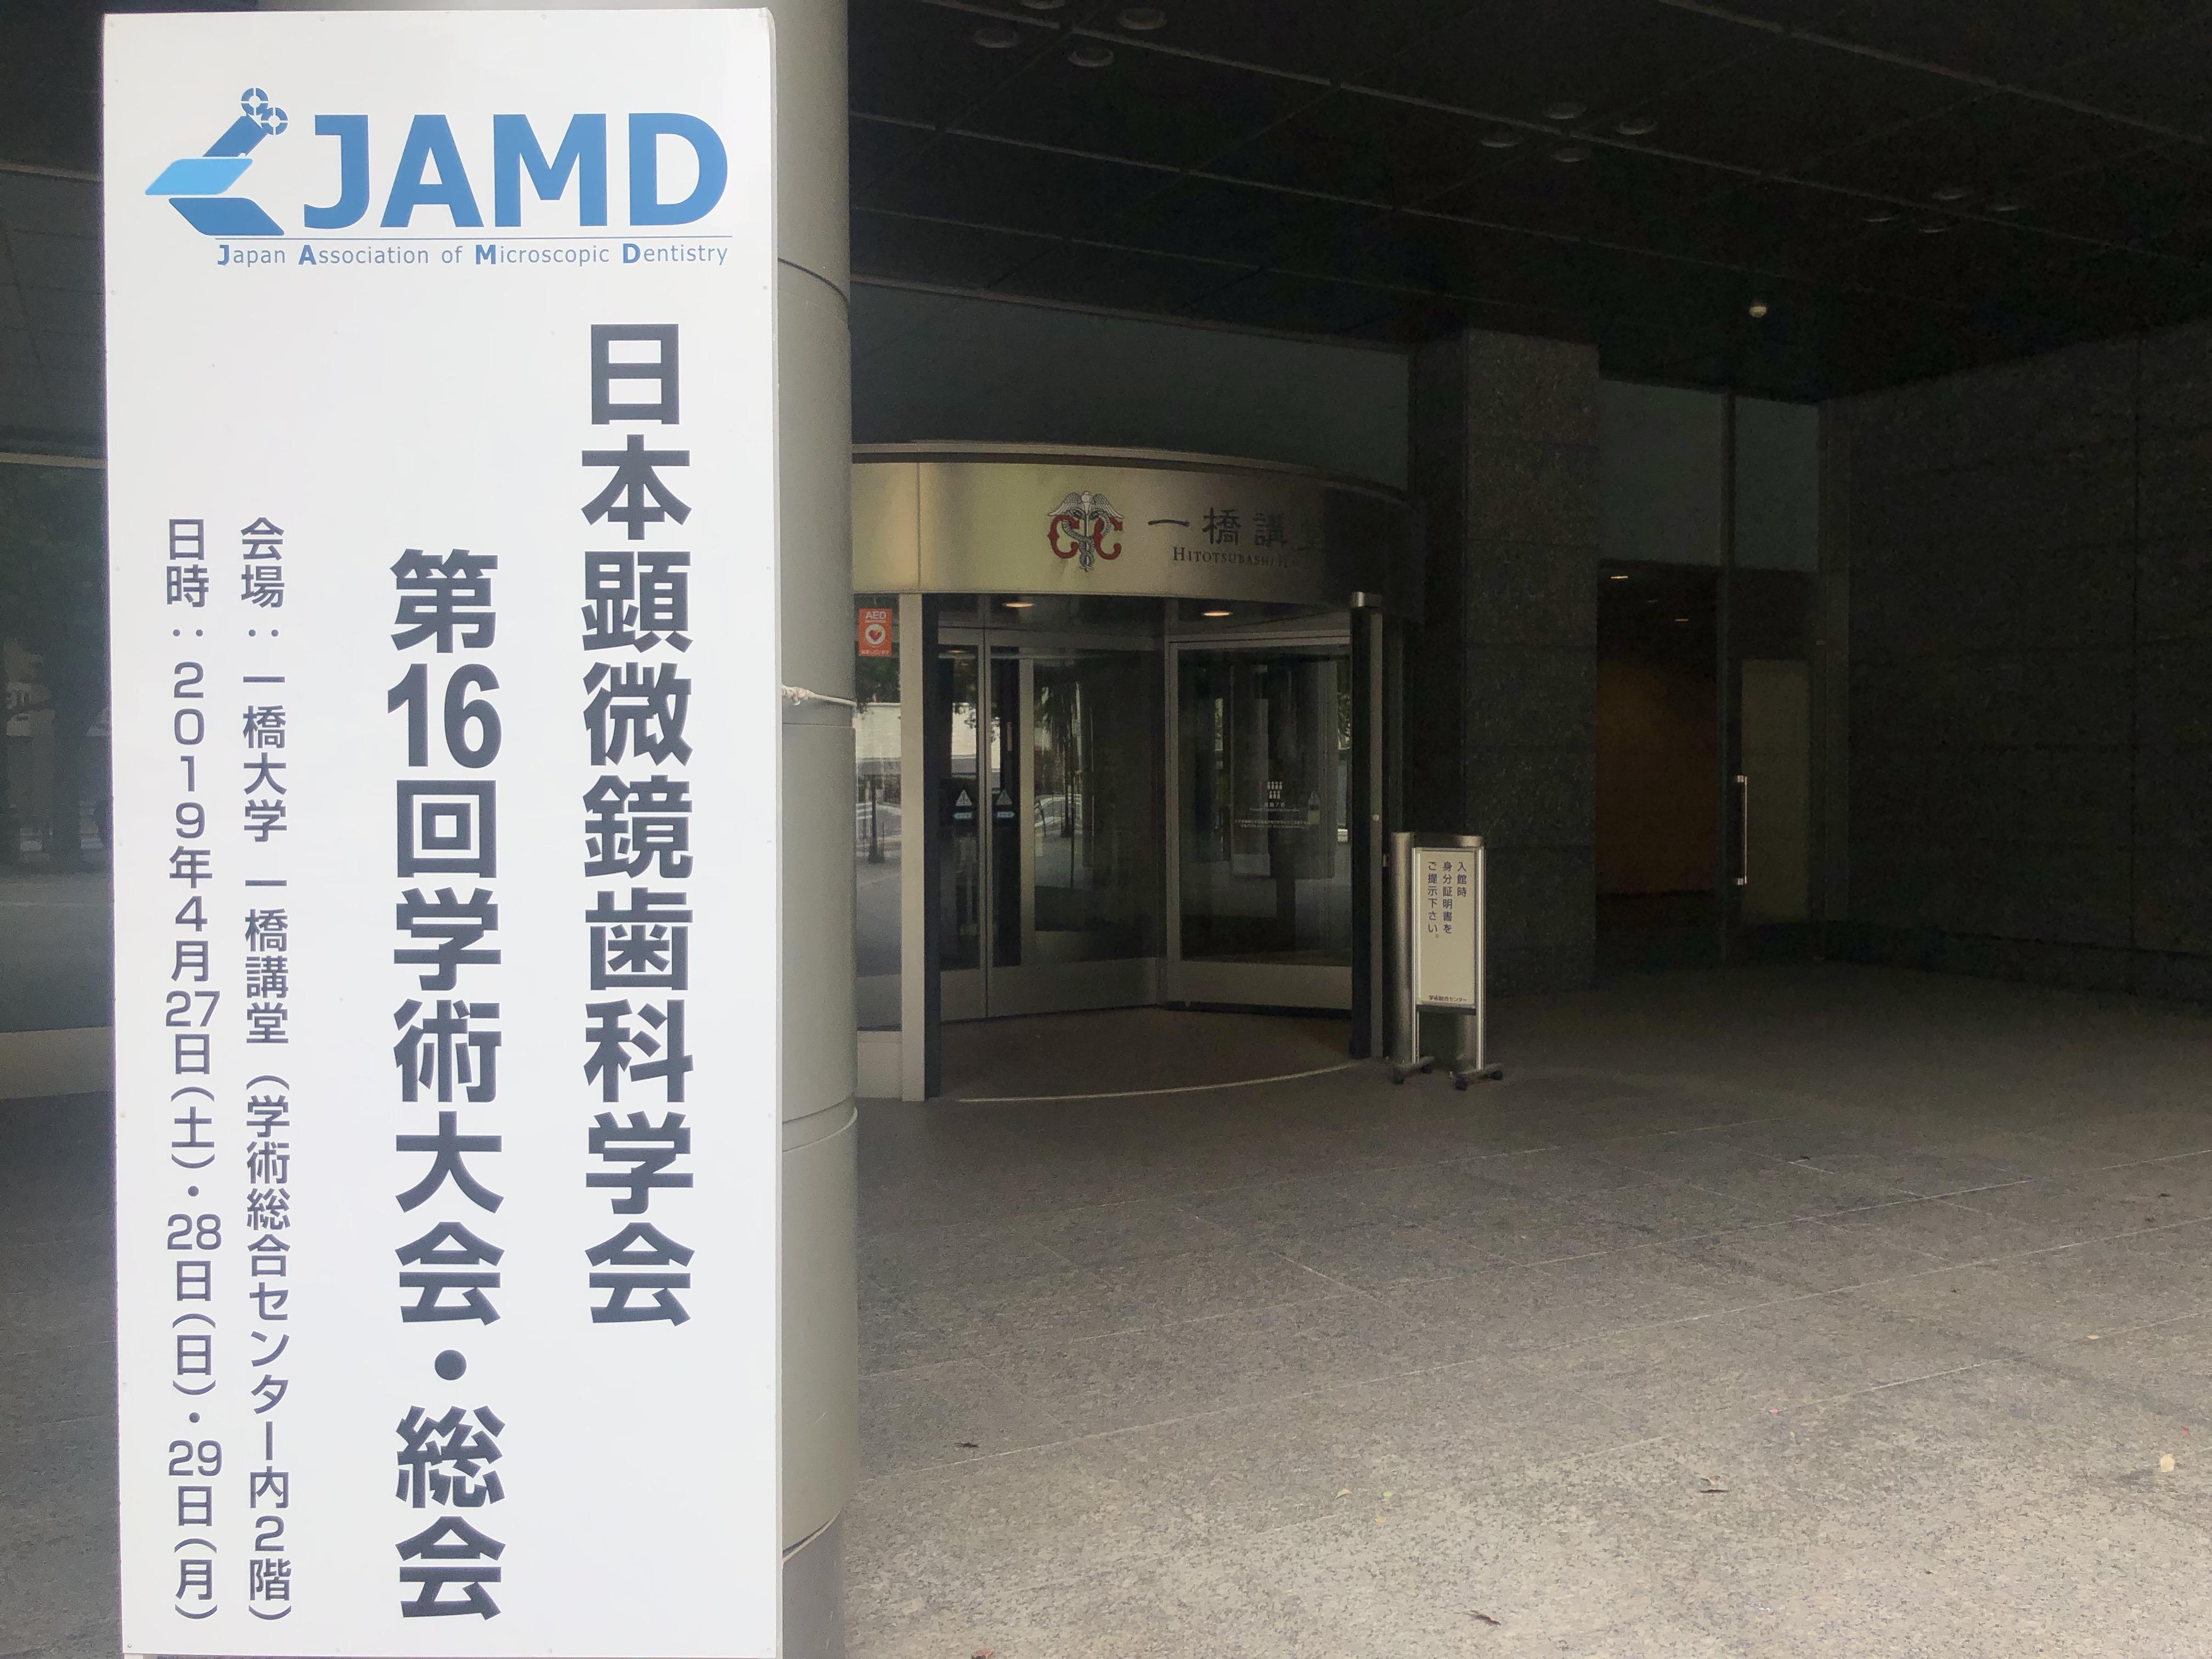 日本顕微鏡歯科学会に出席しました